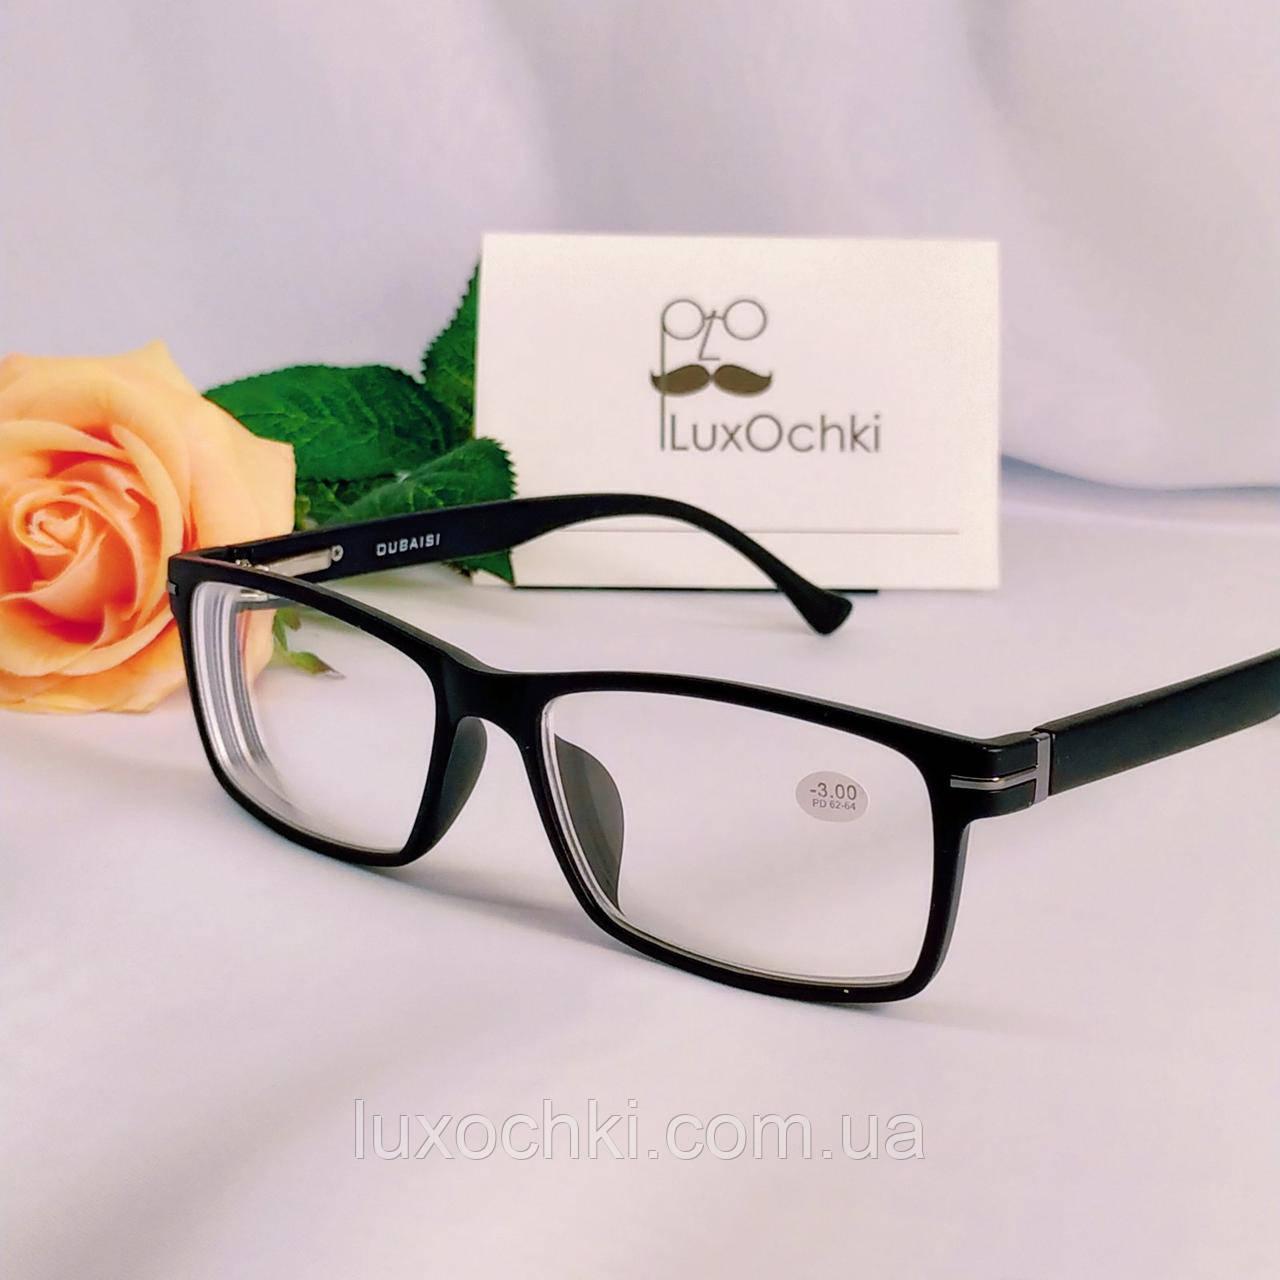 -3.0 Готовые очки для коррекции зрения с диоптрией -3.0 в пластиковой оправе